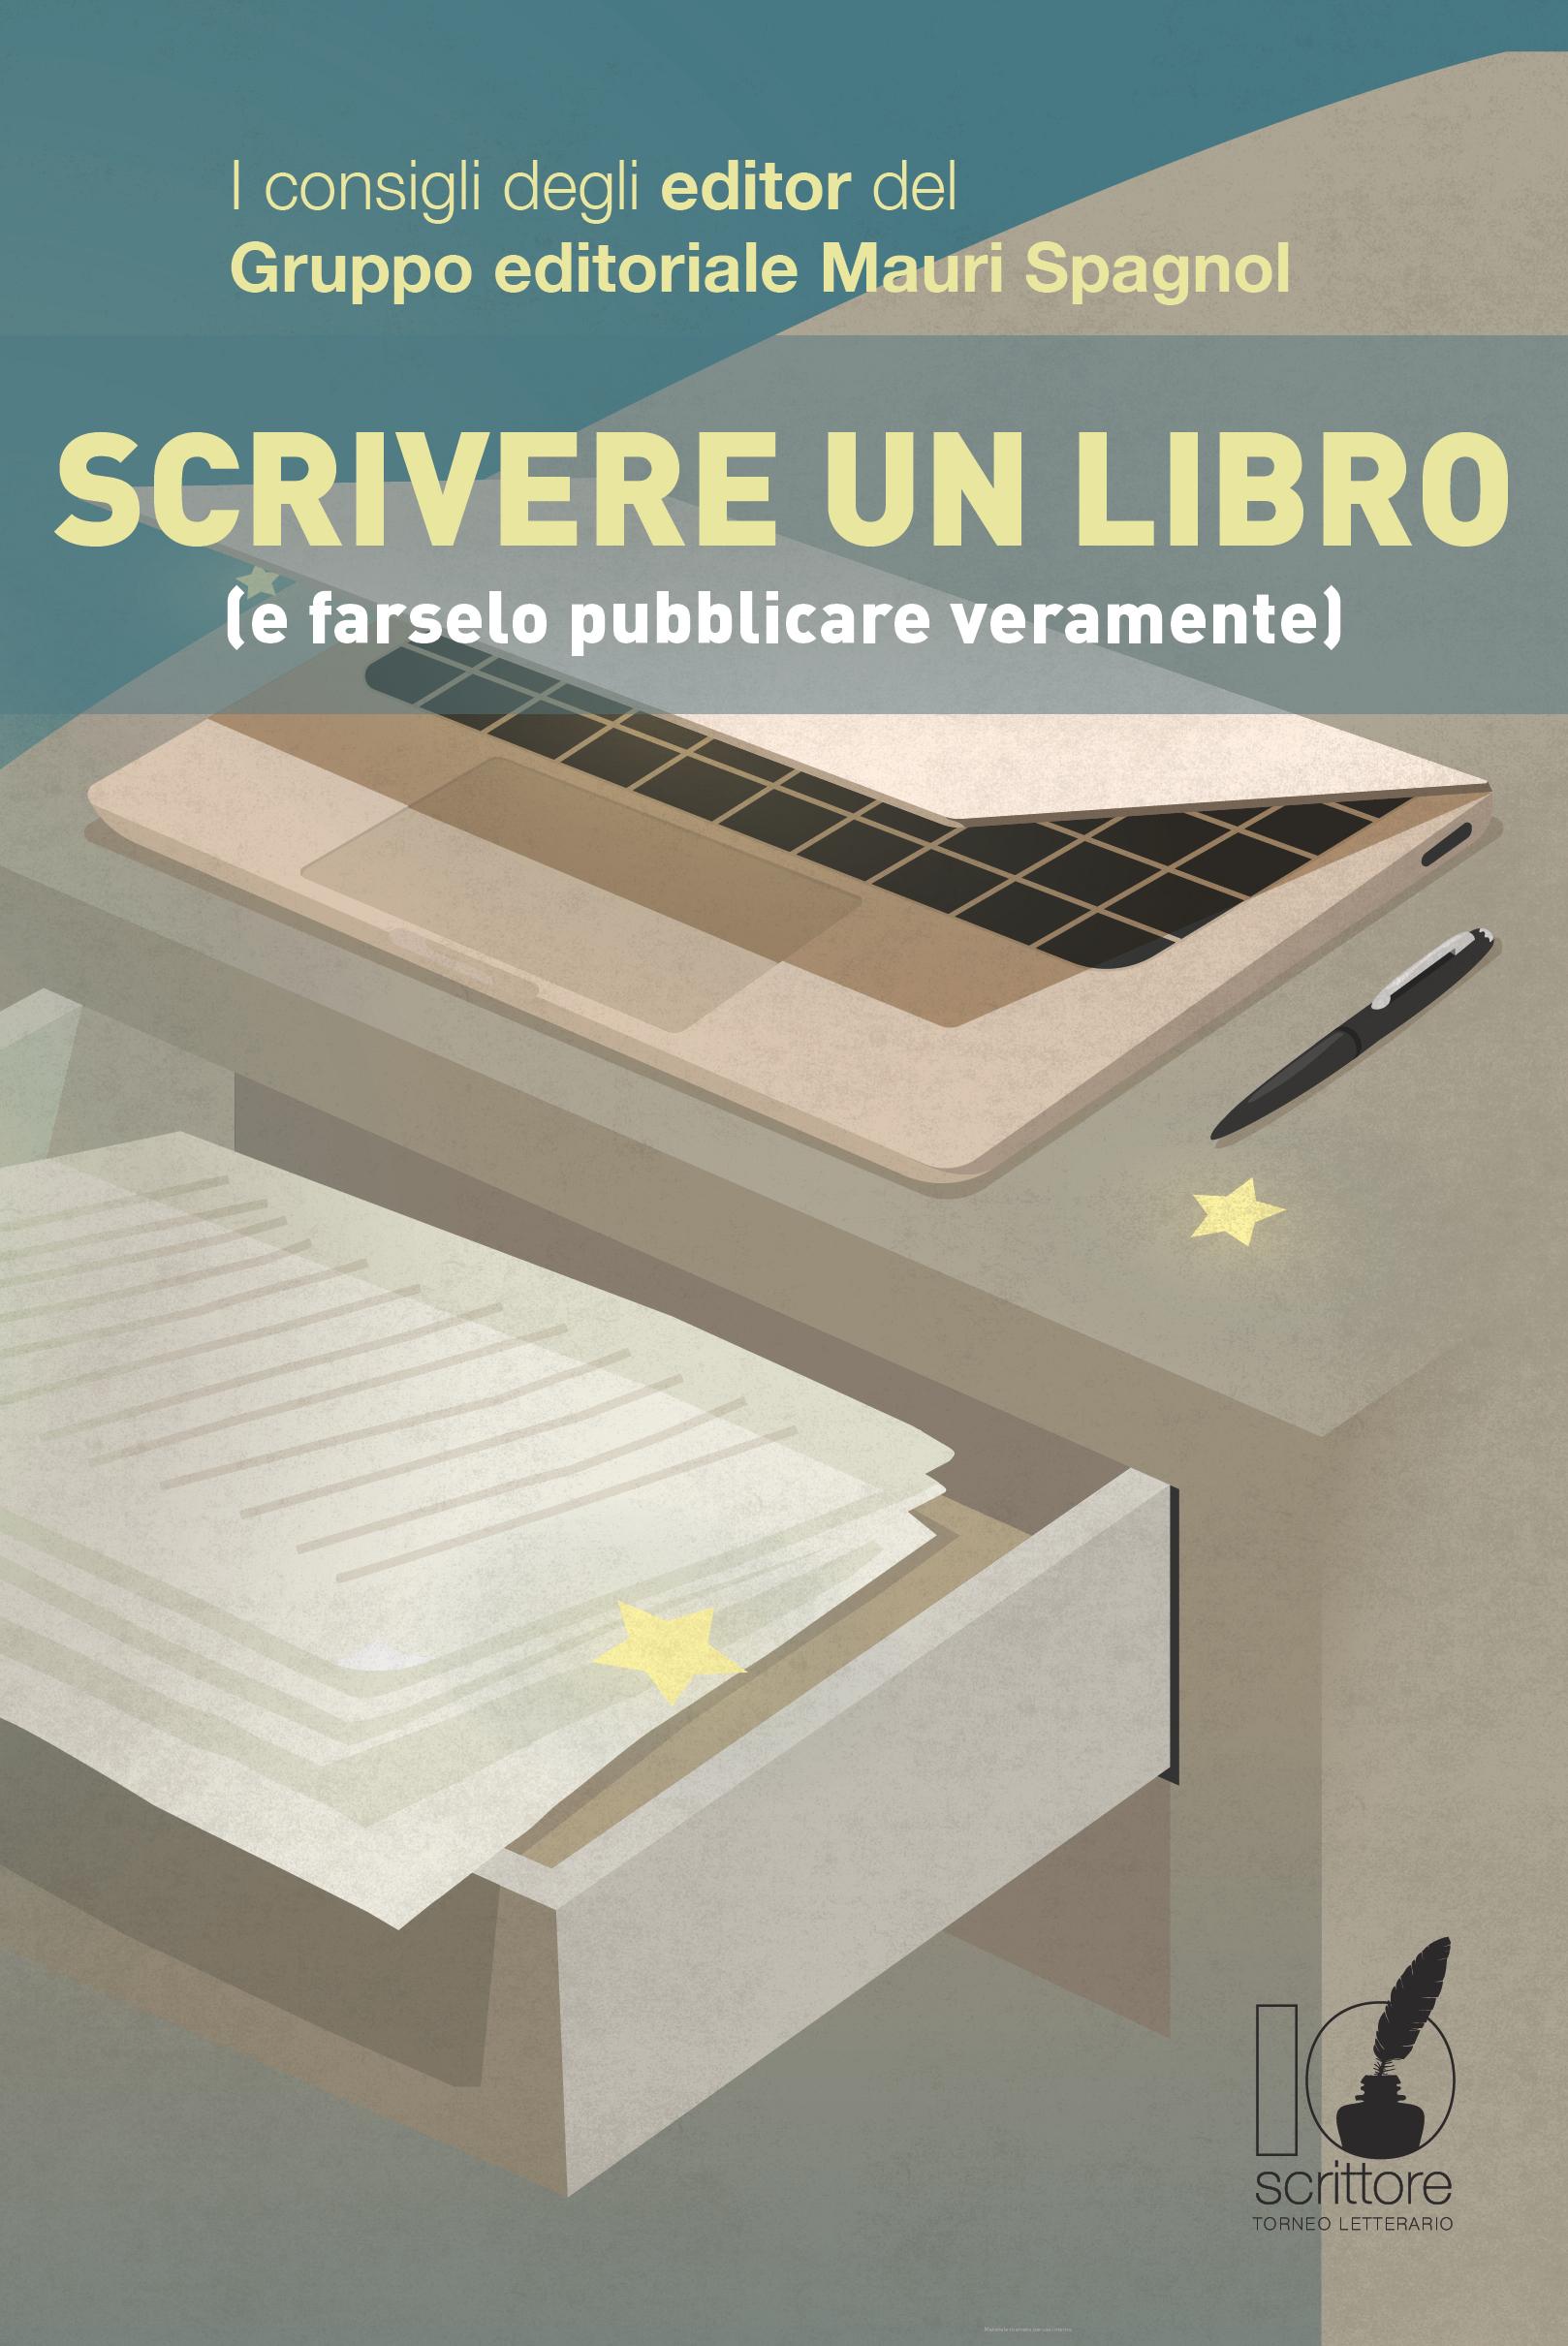 """""""Scrivere un libro e farselo pubblicare"""" disponibile gratuitamente nei principali negozi online"""